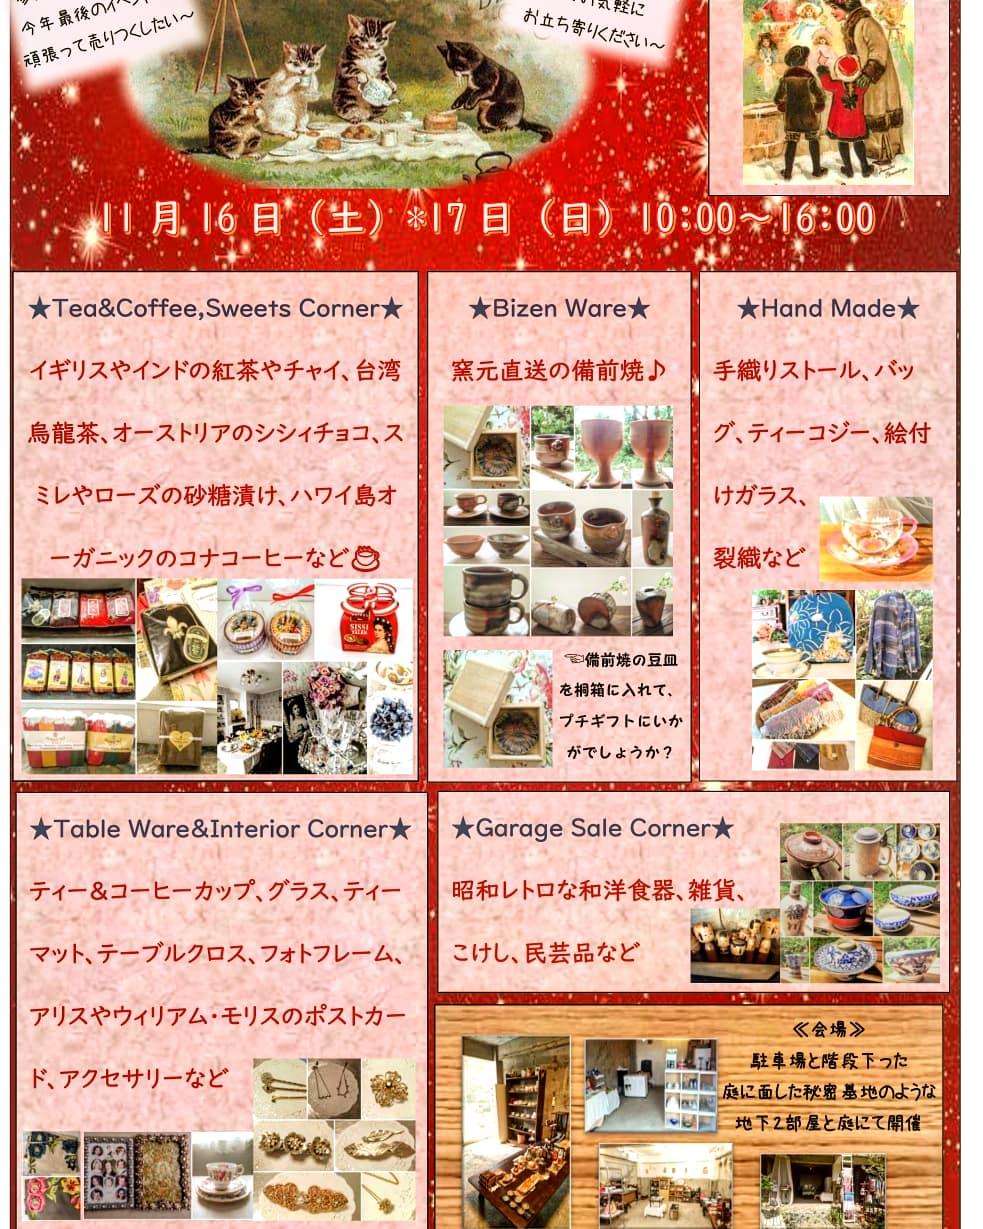 ご近所屋内(半地下)フリーマーケット開催!!!